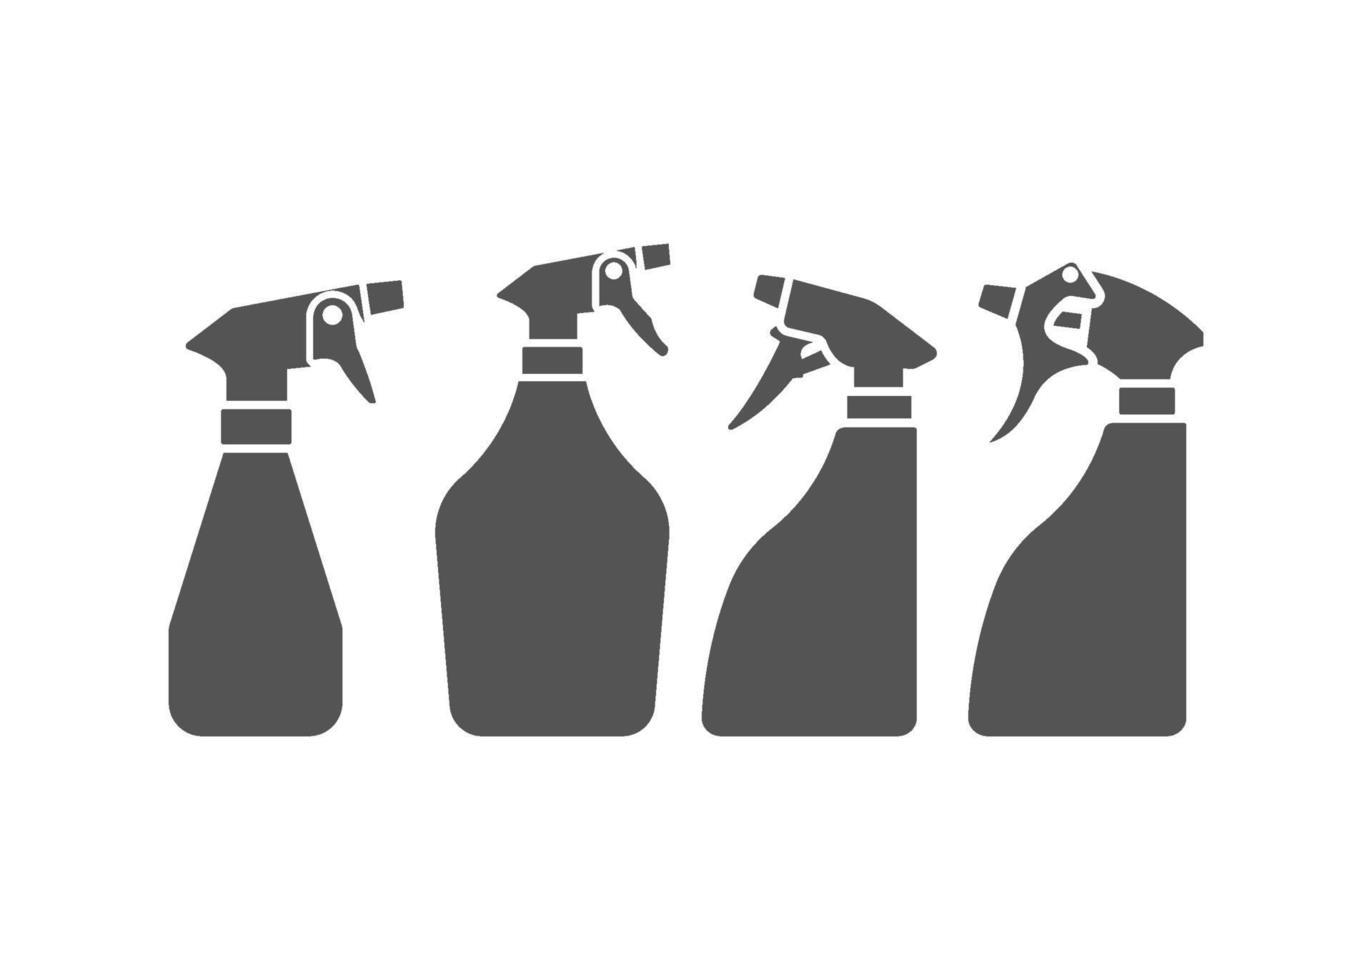 sproeier pictogram illustratie vector set